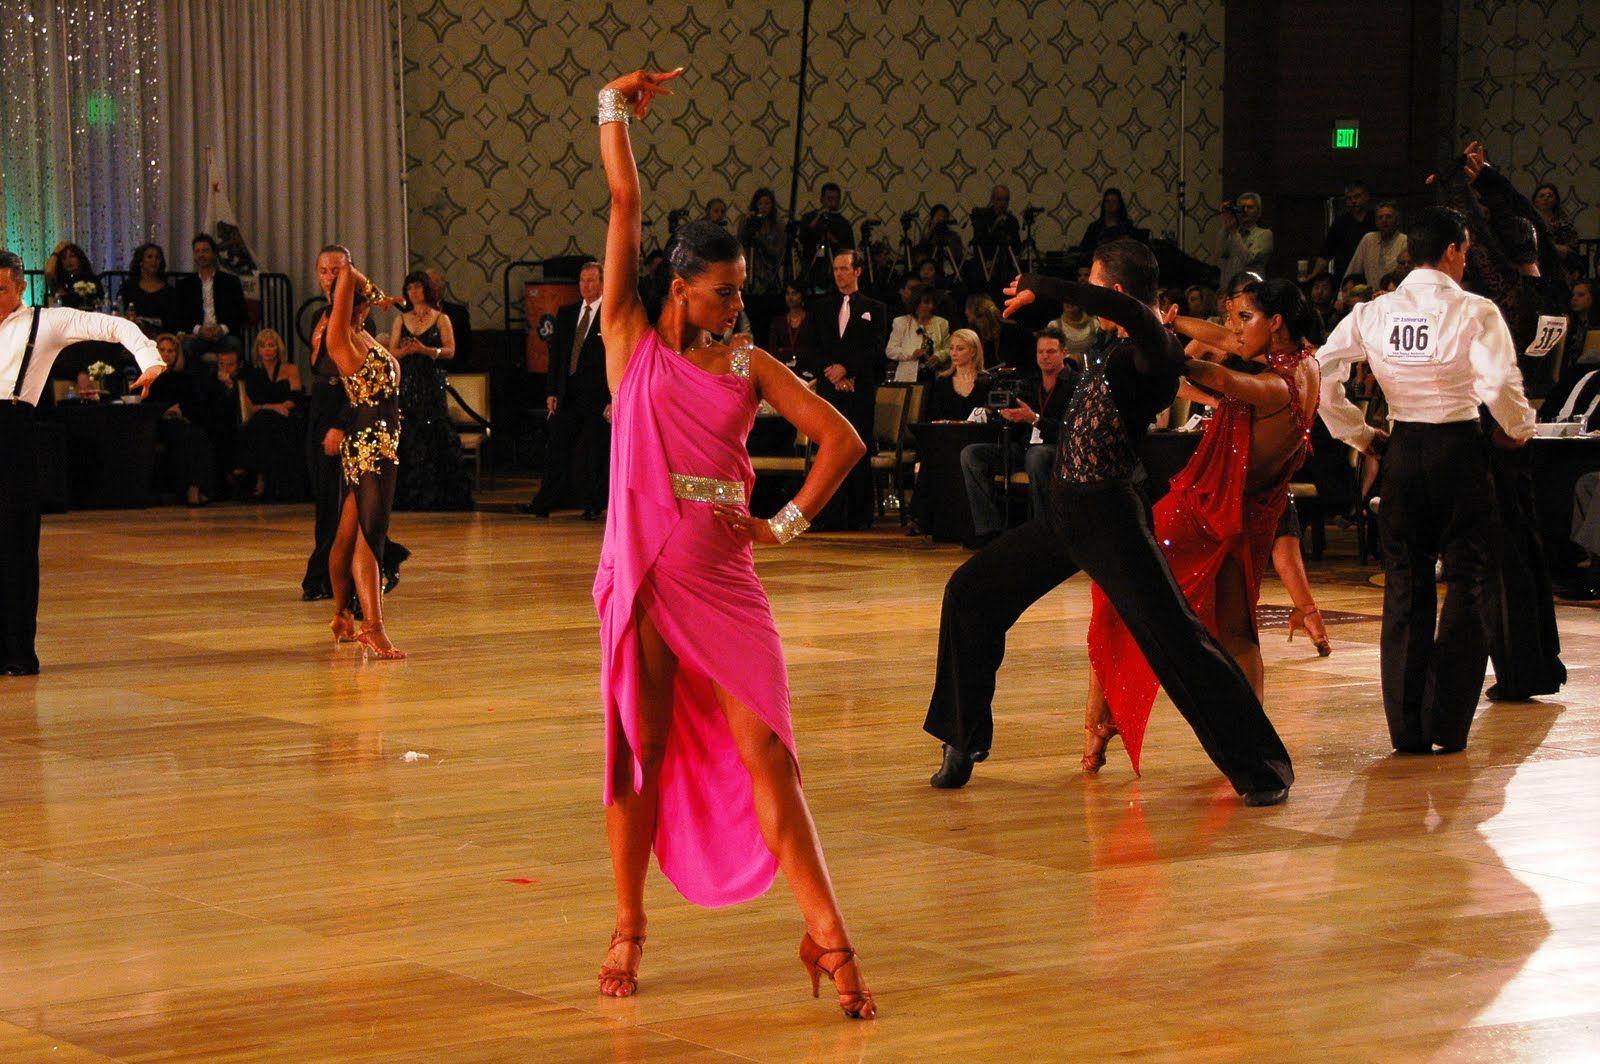 Teen ballroom dance video